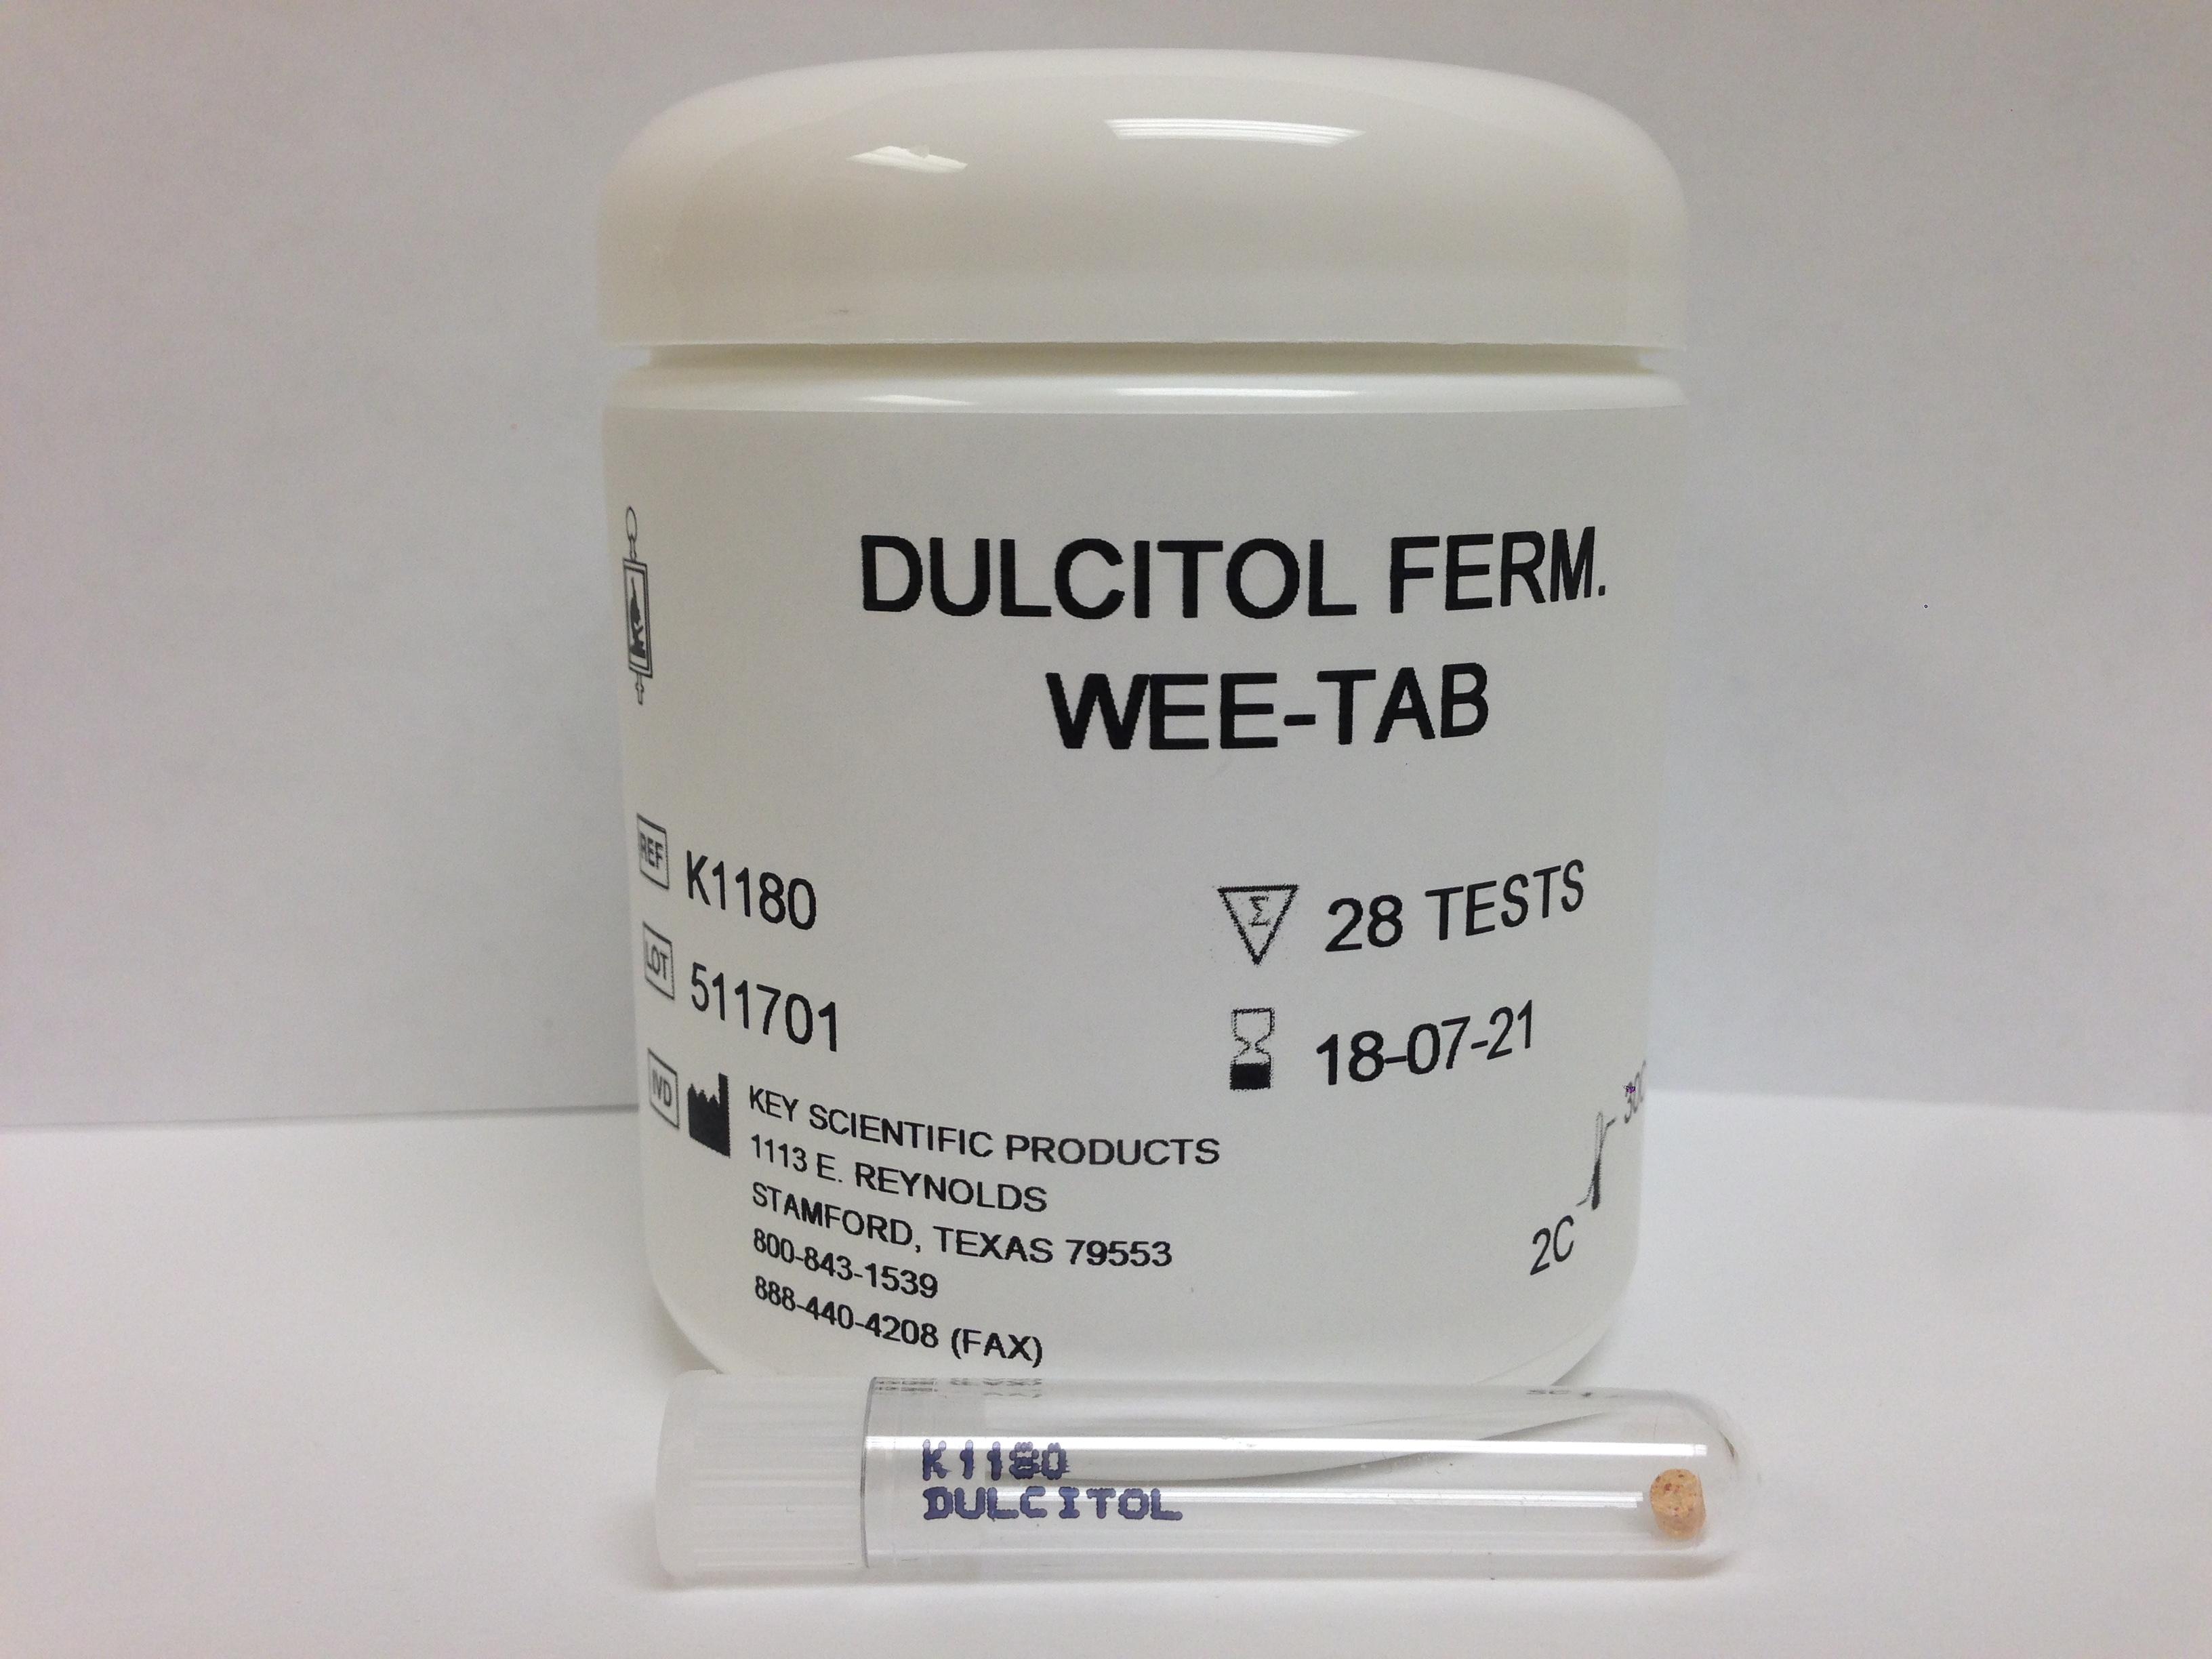 WEE-TAB DULCITOL FERMENTATION